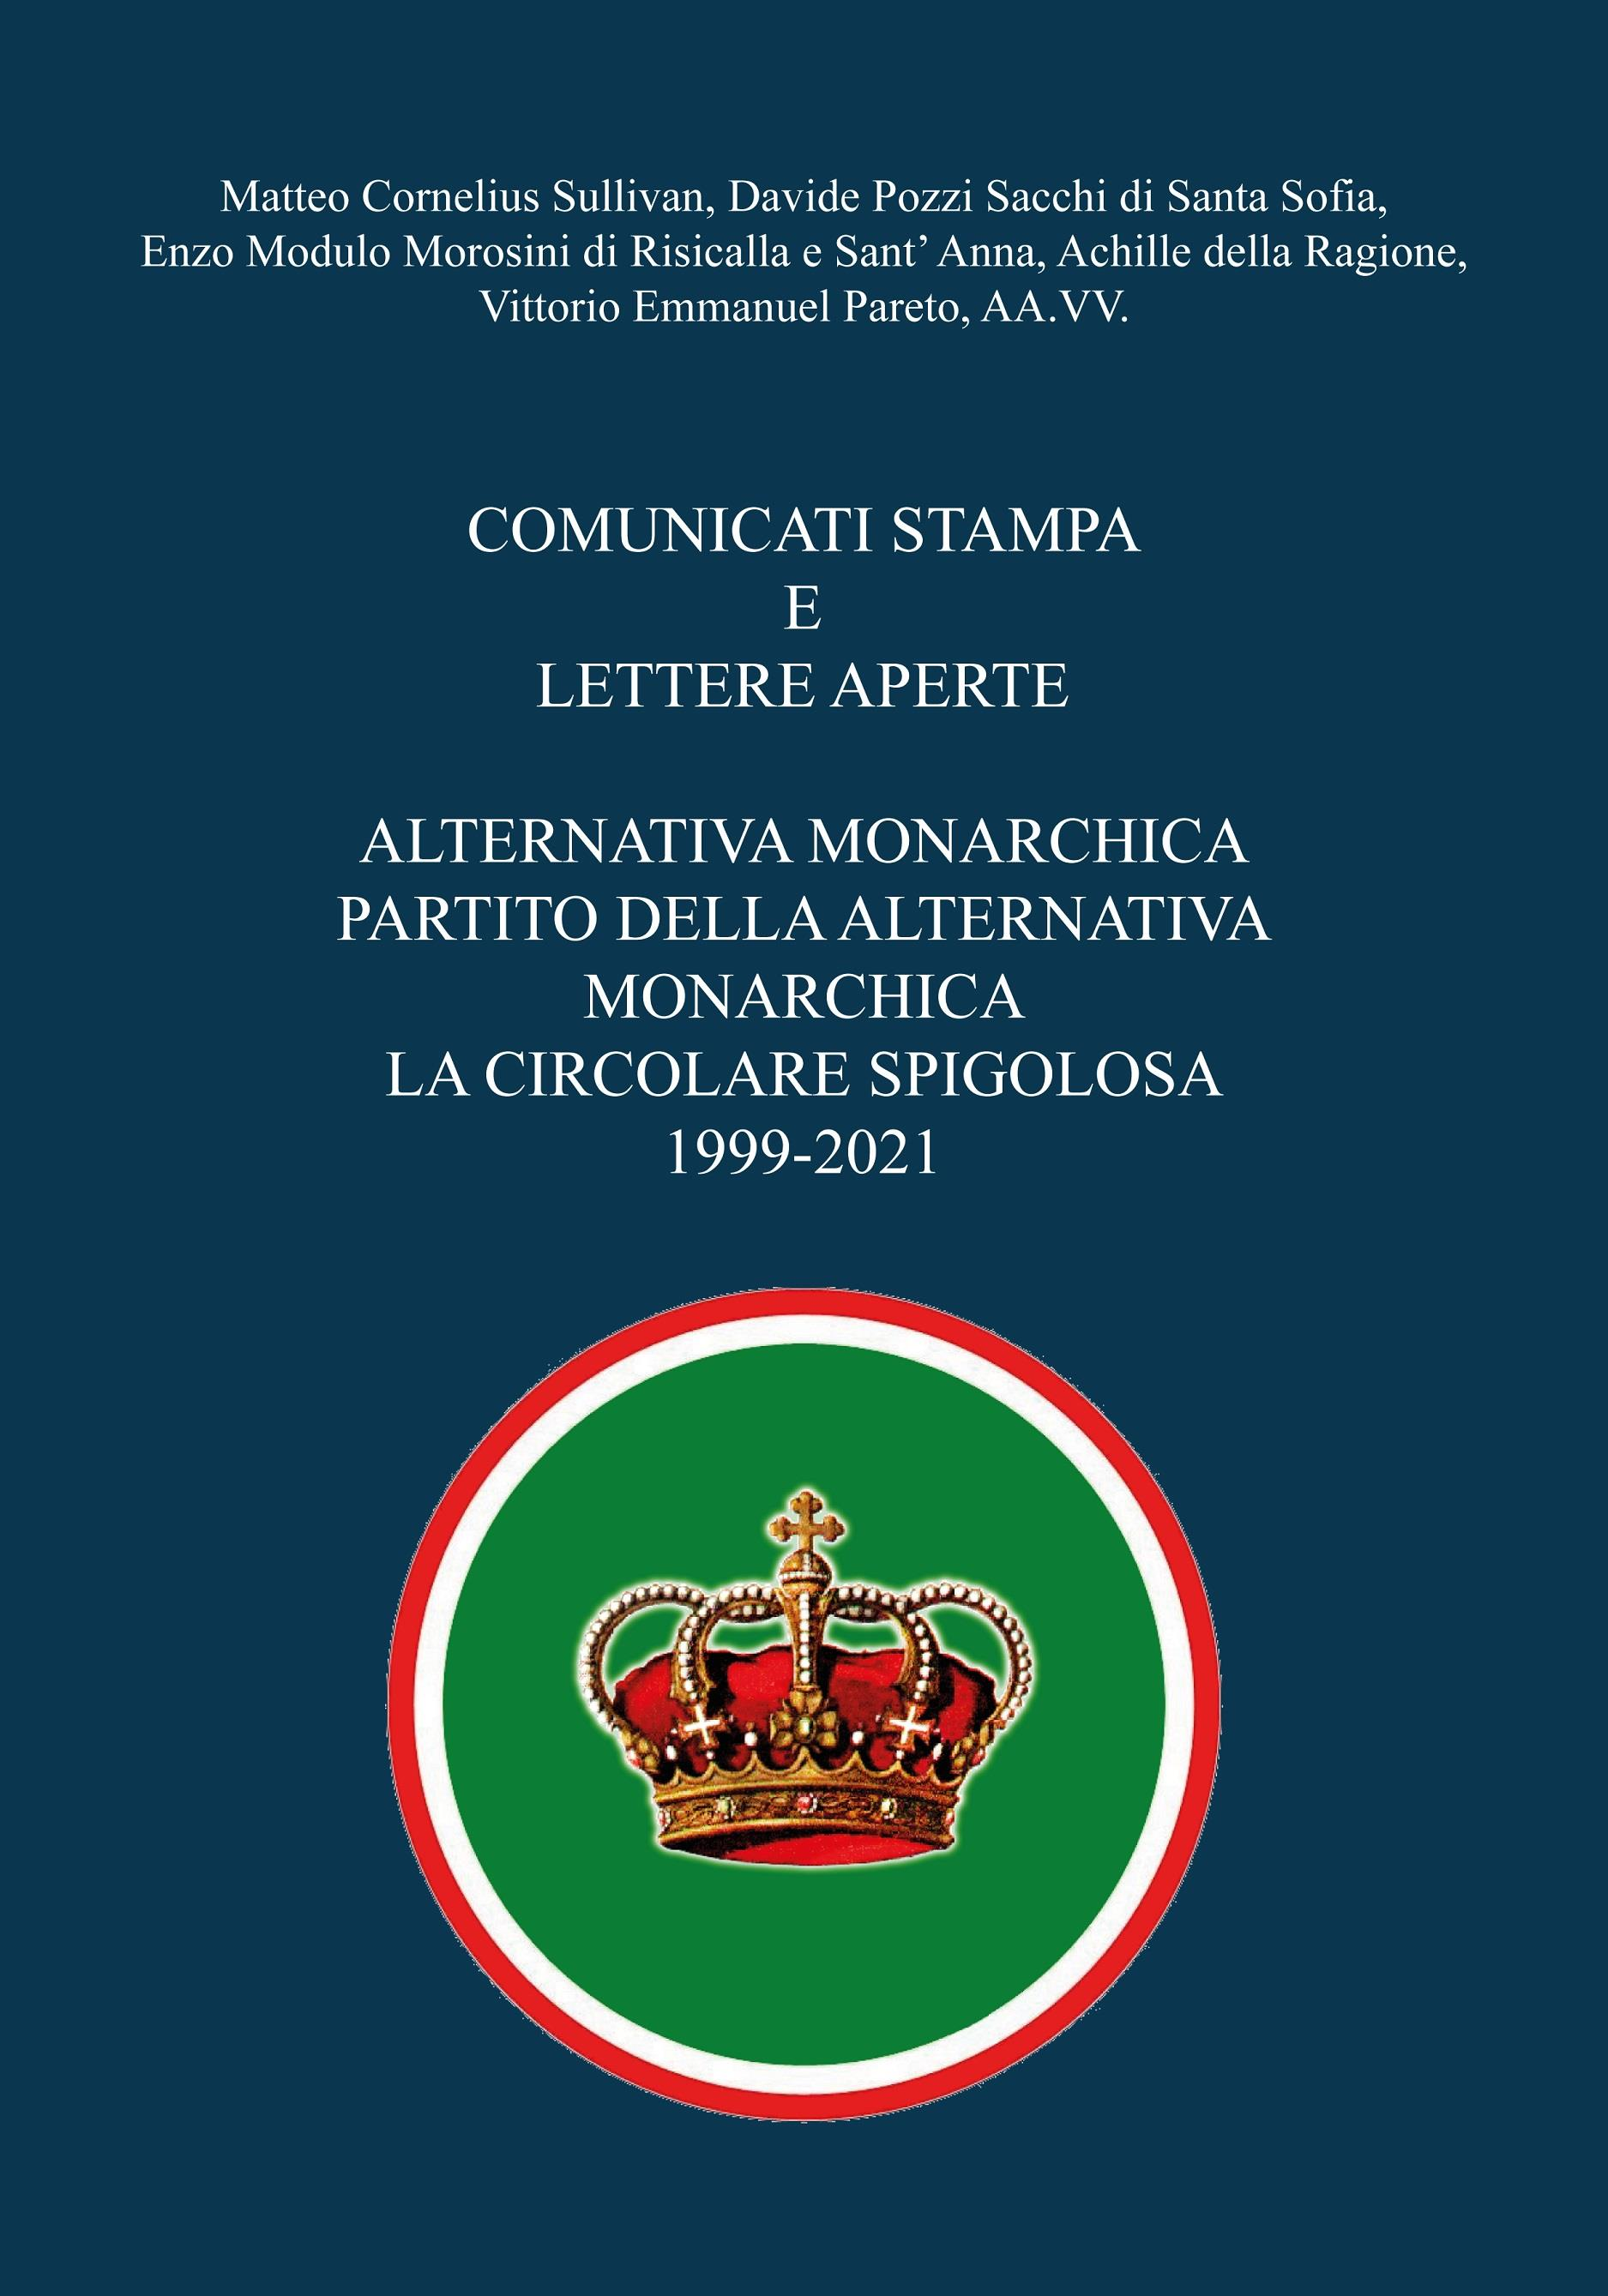 Comunicati stampa e lettere aperte - Alternativa Monarchica, Partito della Alternativa Monarchica, La Circolare Spigolosa 1999-2021